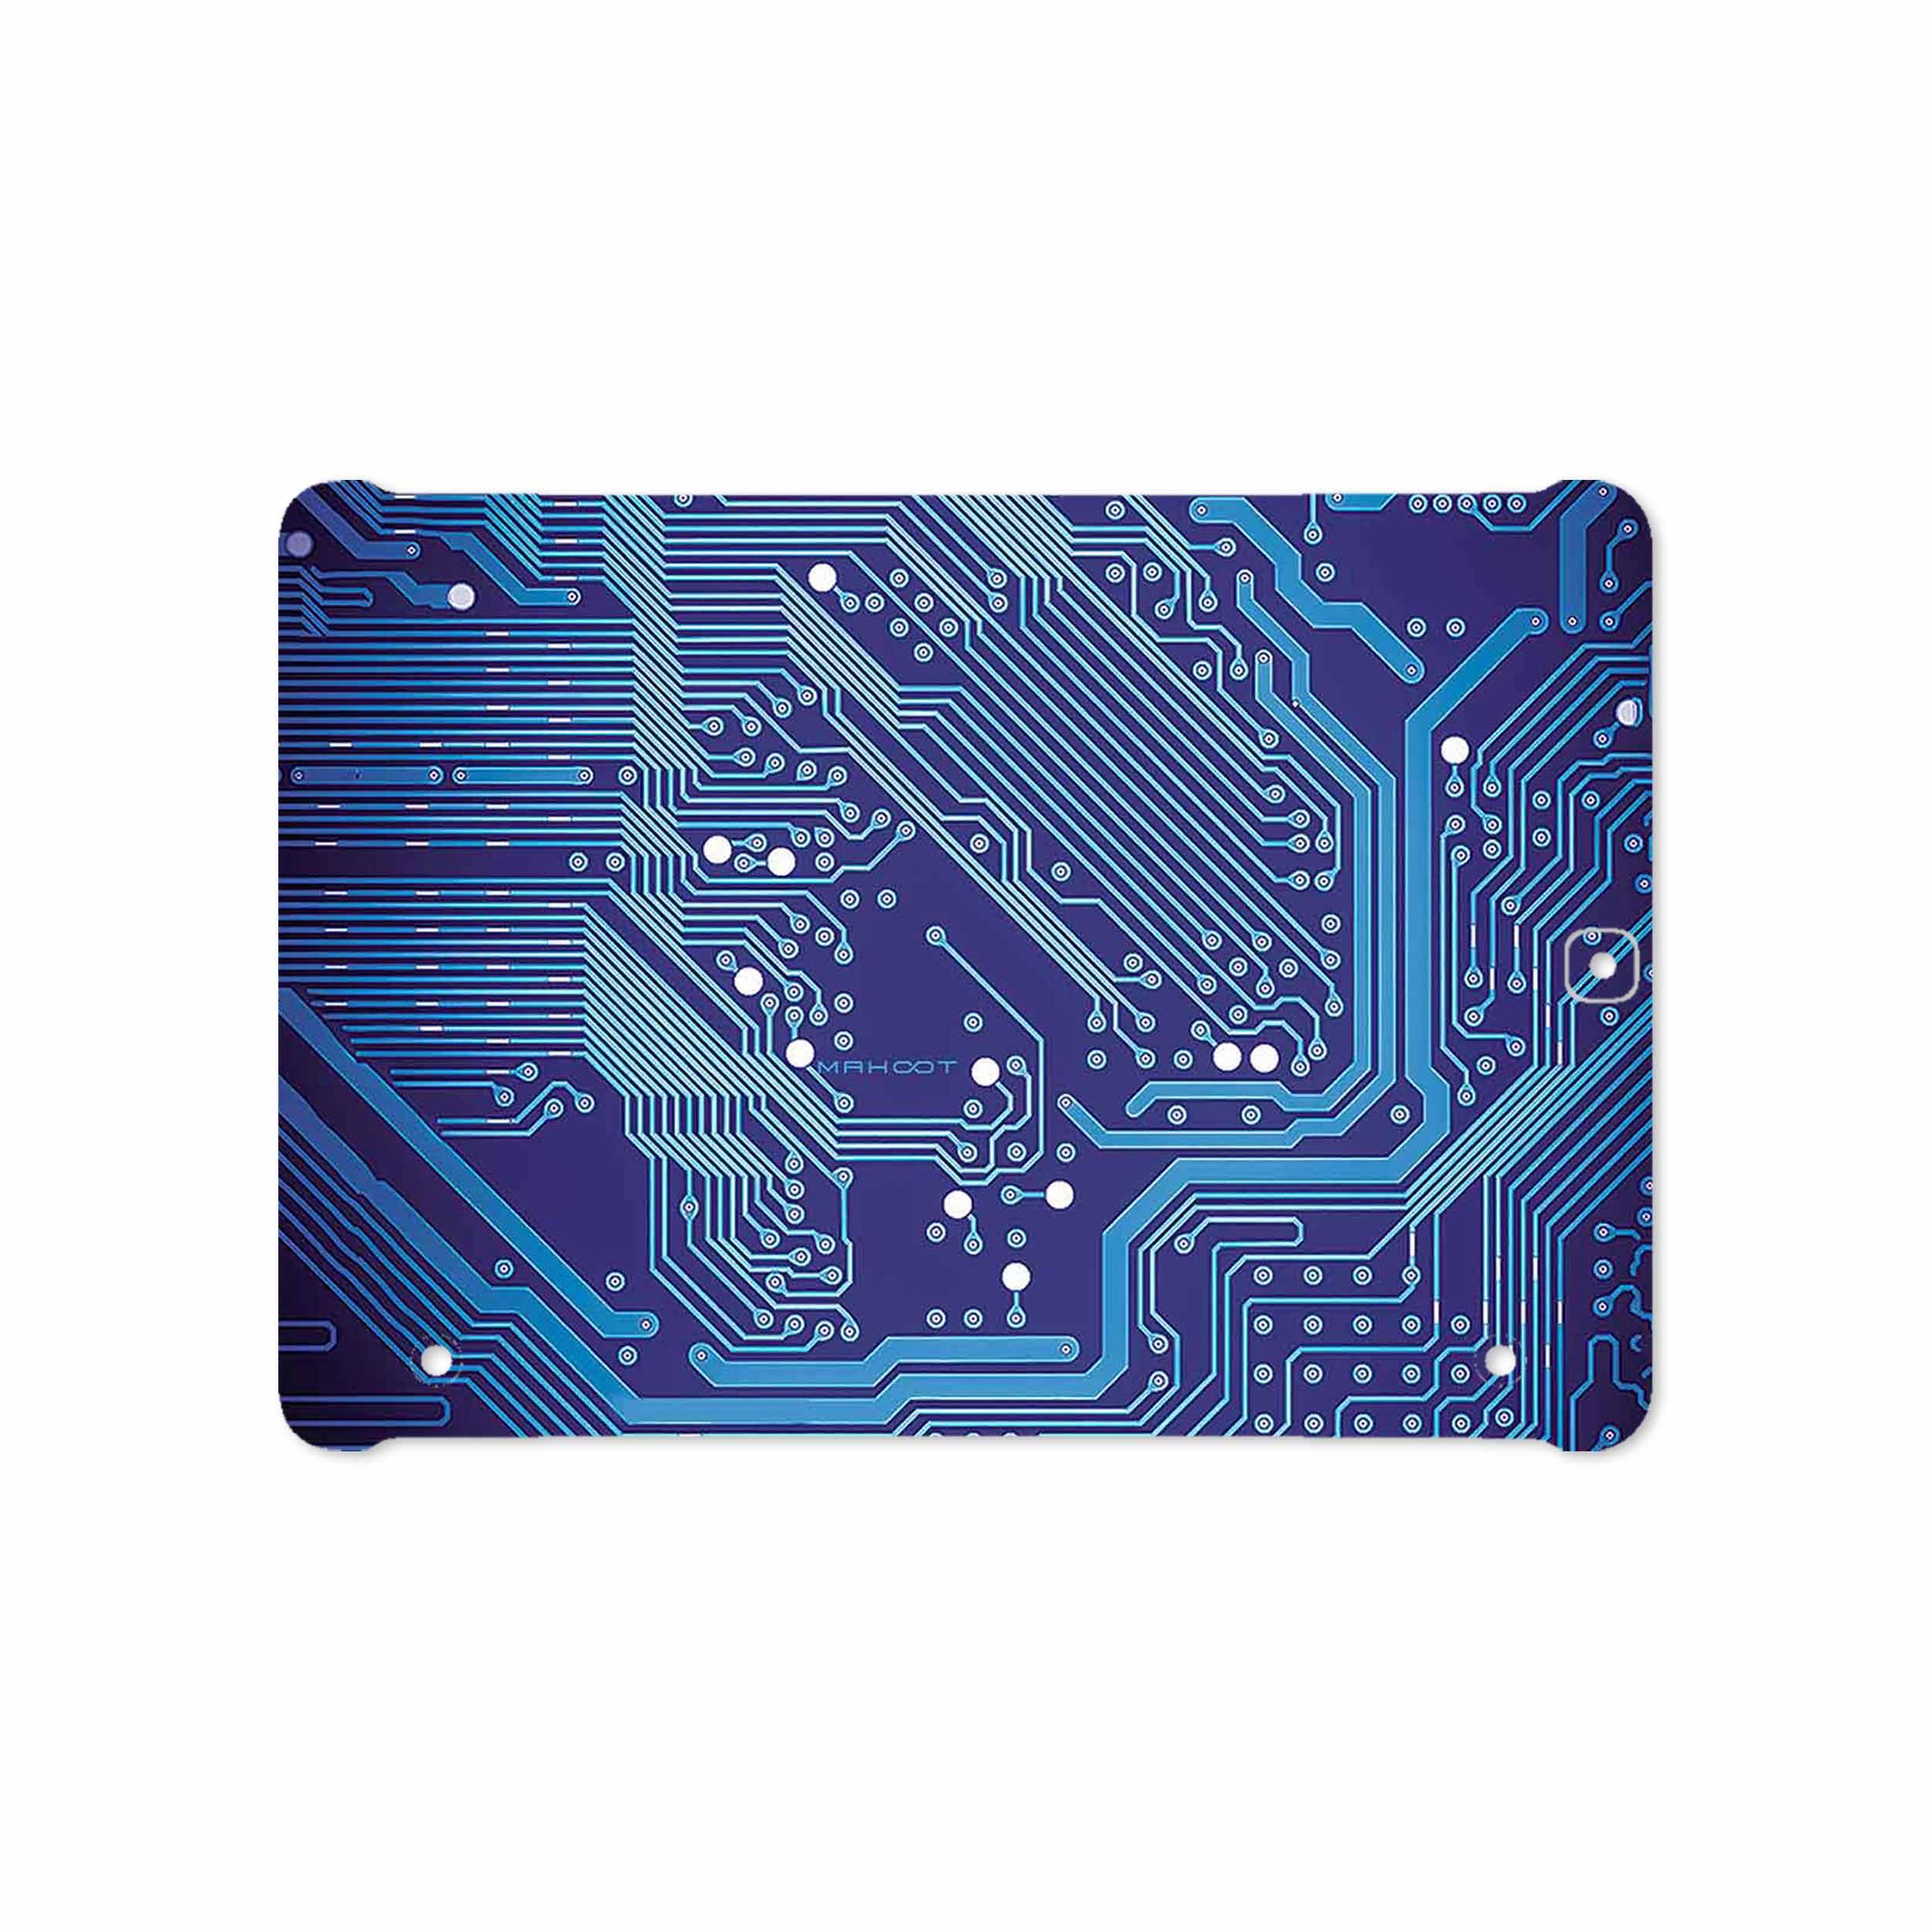 بررسی و خرید [با تخفیف]                                     برچسب پوششی ماهوت مدل Blue Printed Circuit Board مناسب برای تبلت سامسونگ Galaxy Tab S2 9.7 2016 T813N                             اورجینال